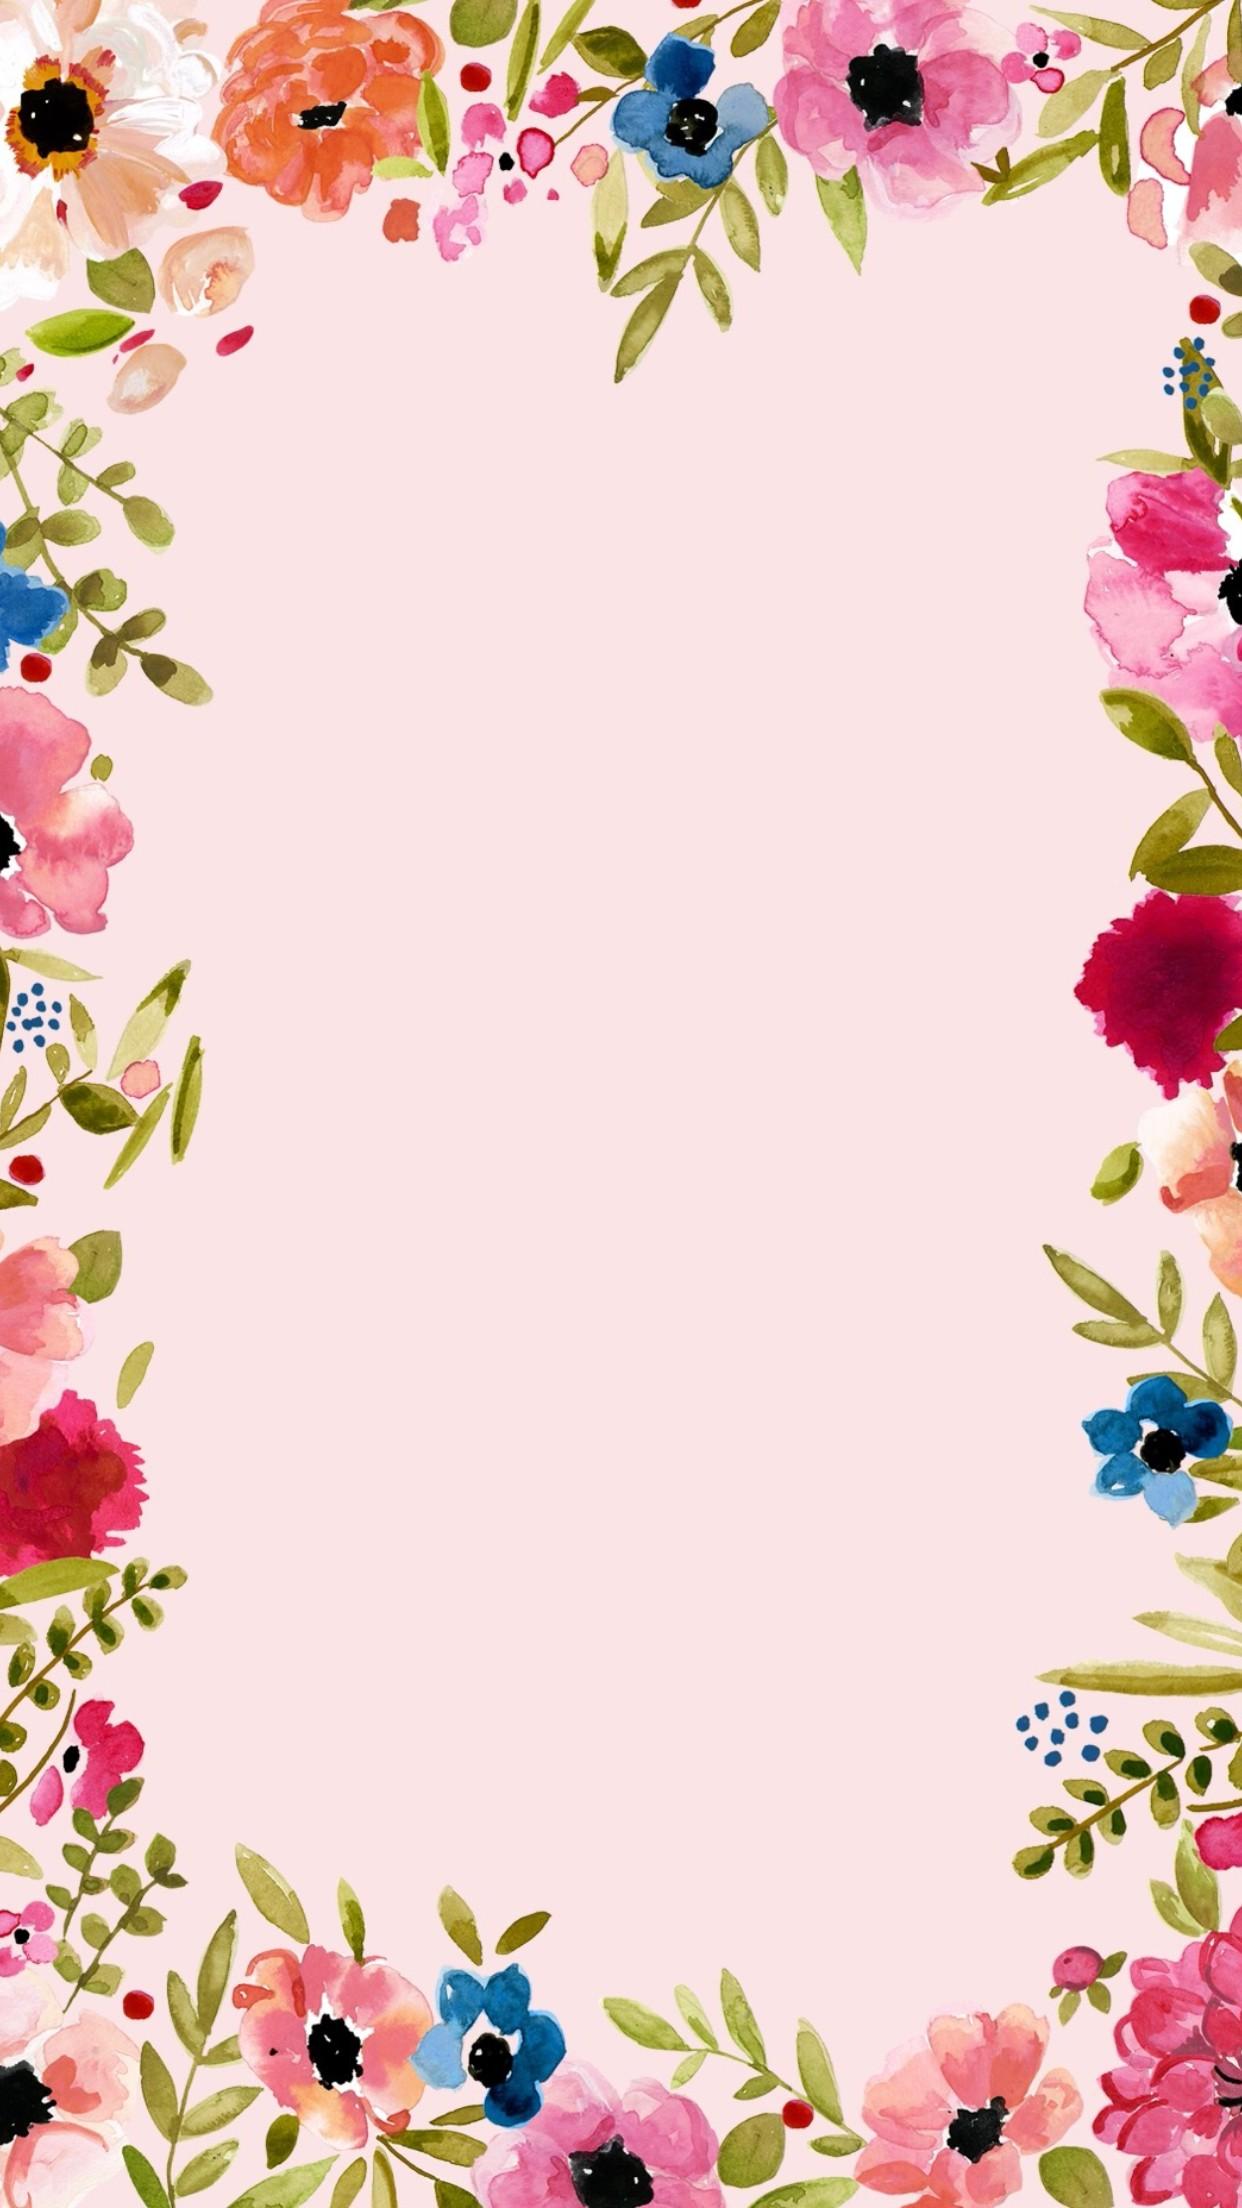 Calendario 2017 Bts Para Imprimir Más Caliente Pin De Anna Fedorovich En б Pinterest Of Calendario 2017 Bts Para Imprimir Más Populares 406 Mejores Imágenes sobre School En Pinterest